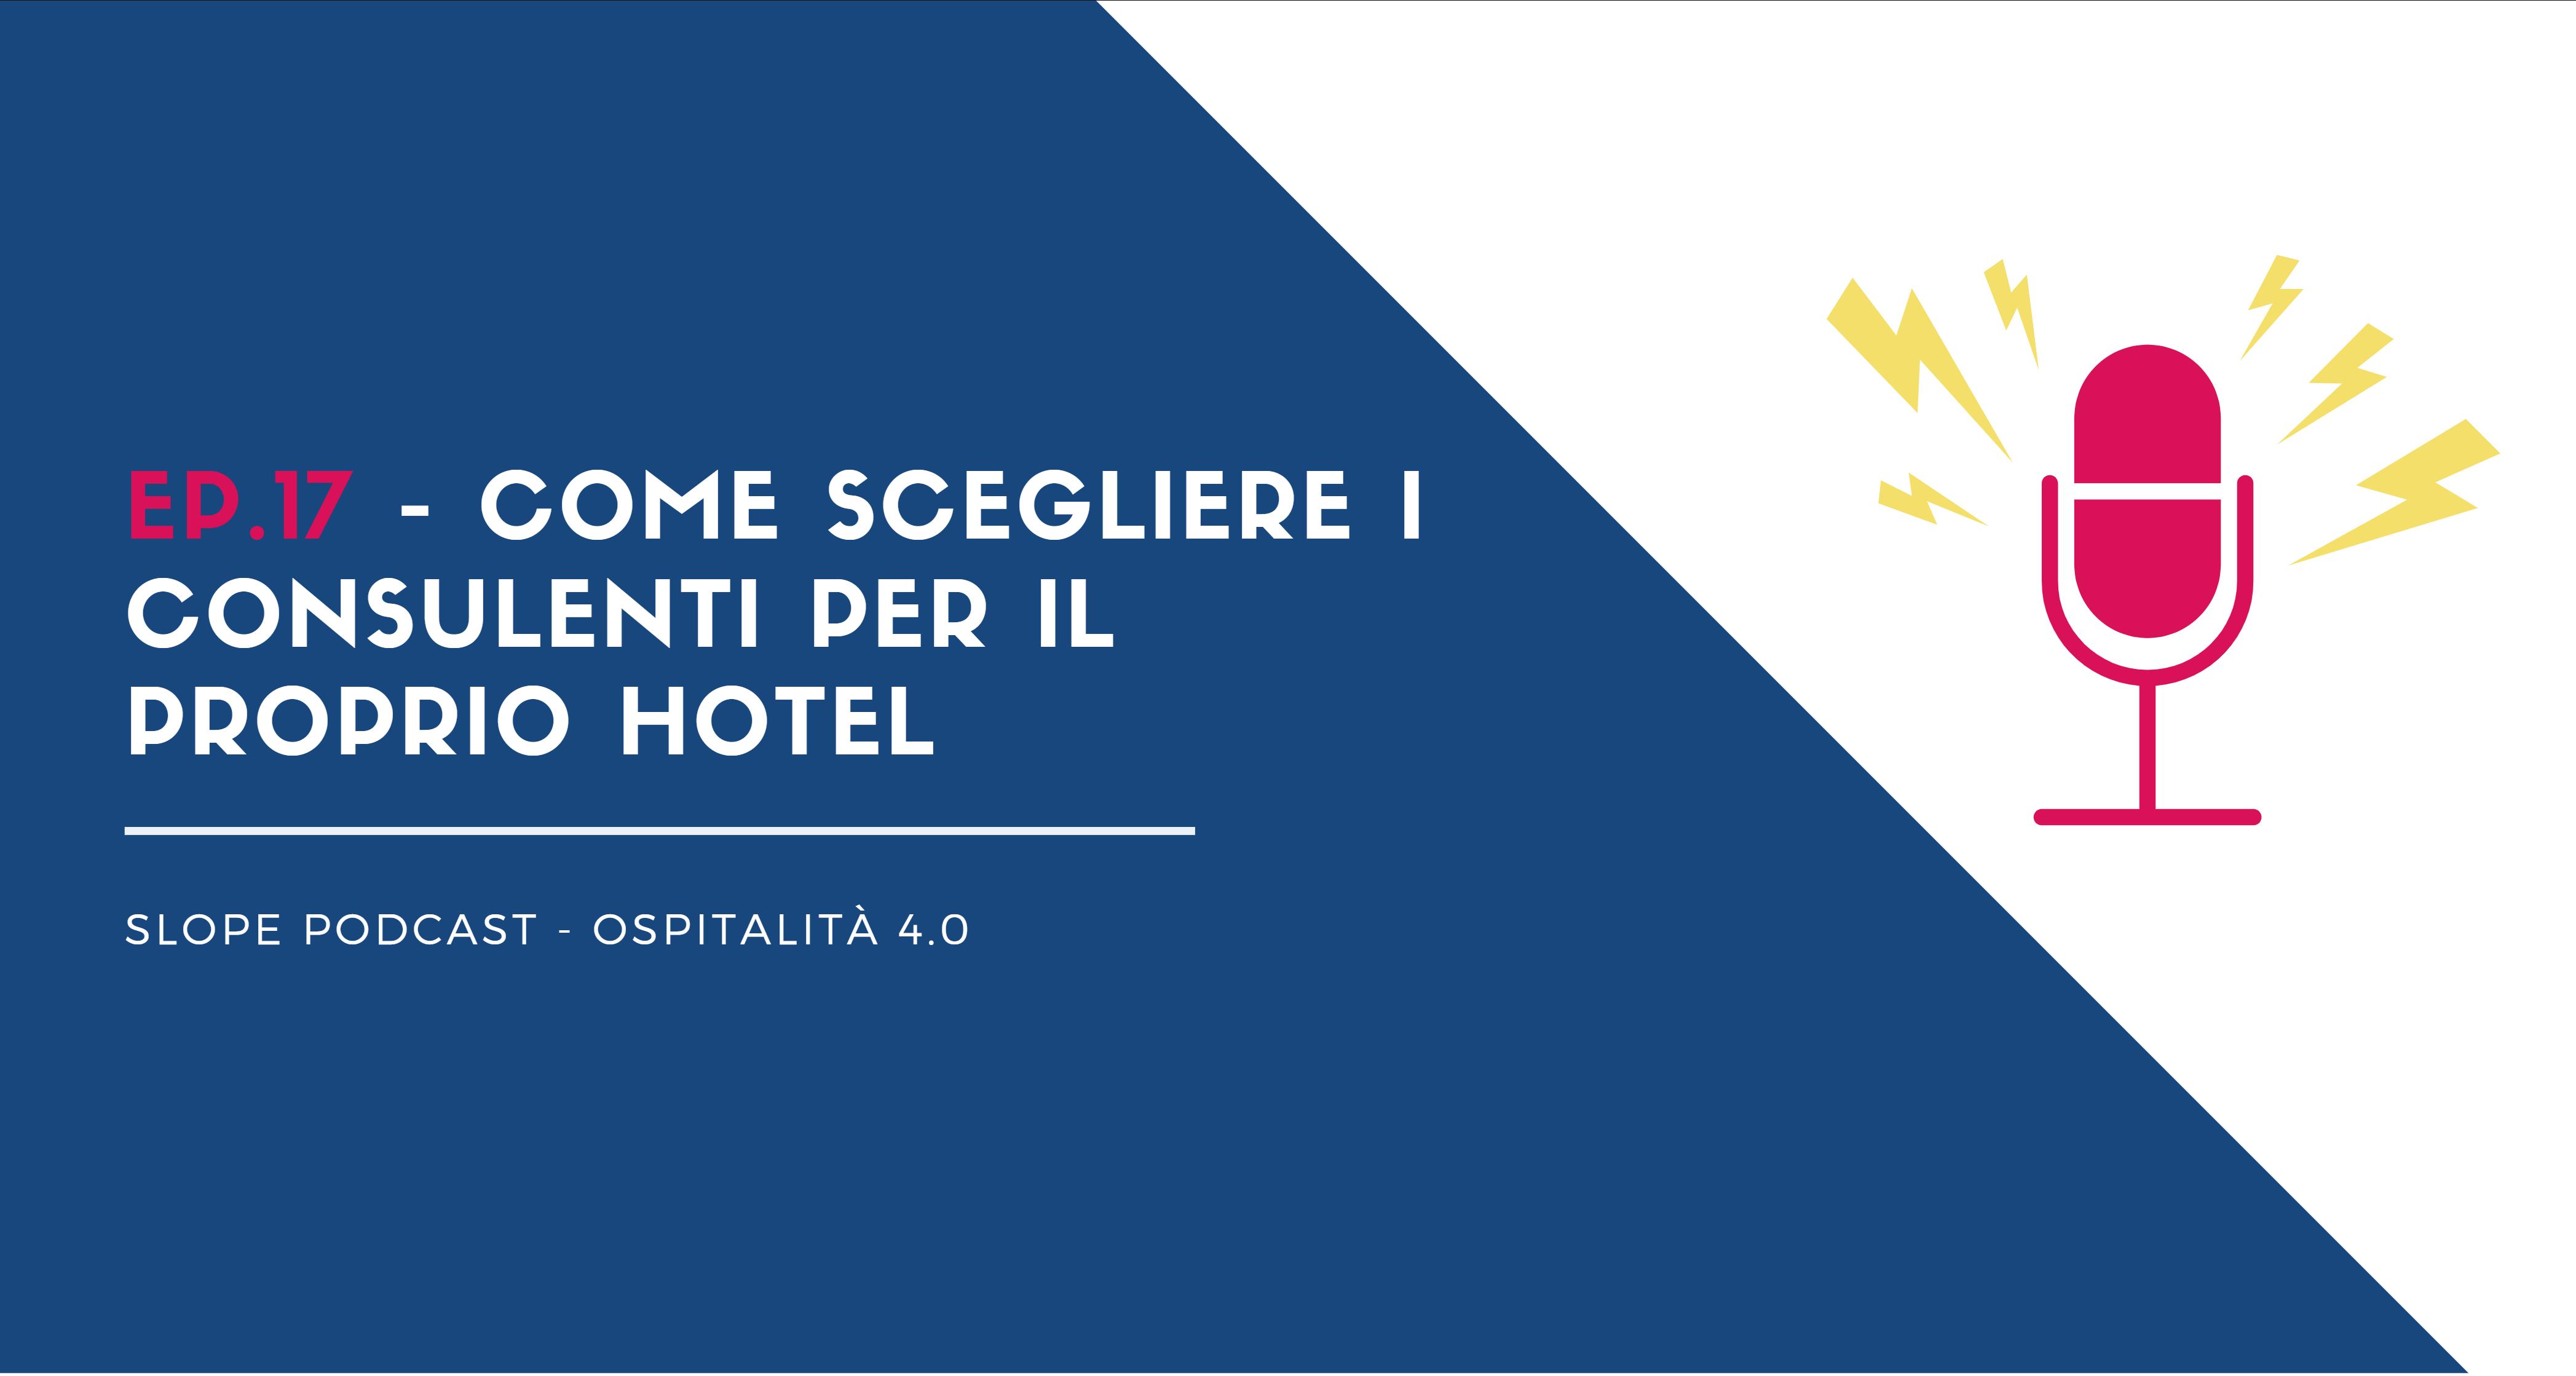 Podcast Hotel Come scegliere i consulenti per il proprio hotel consulente revenue, marketing, seo